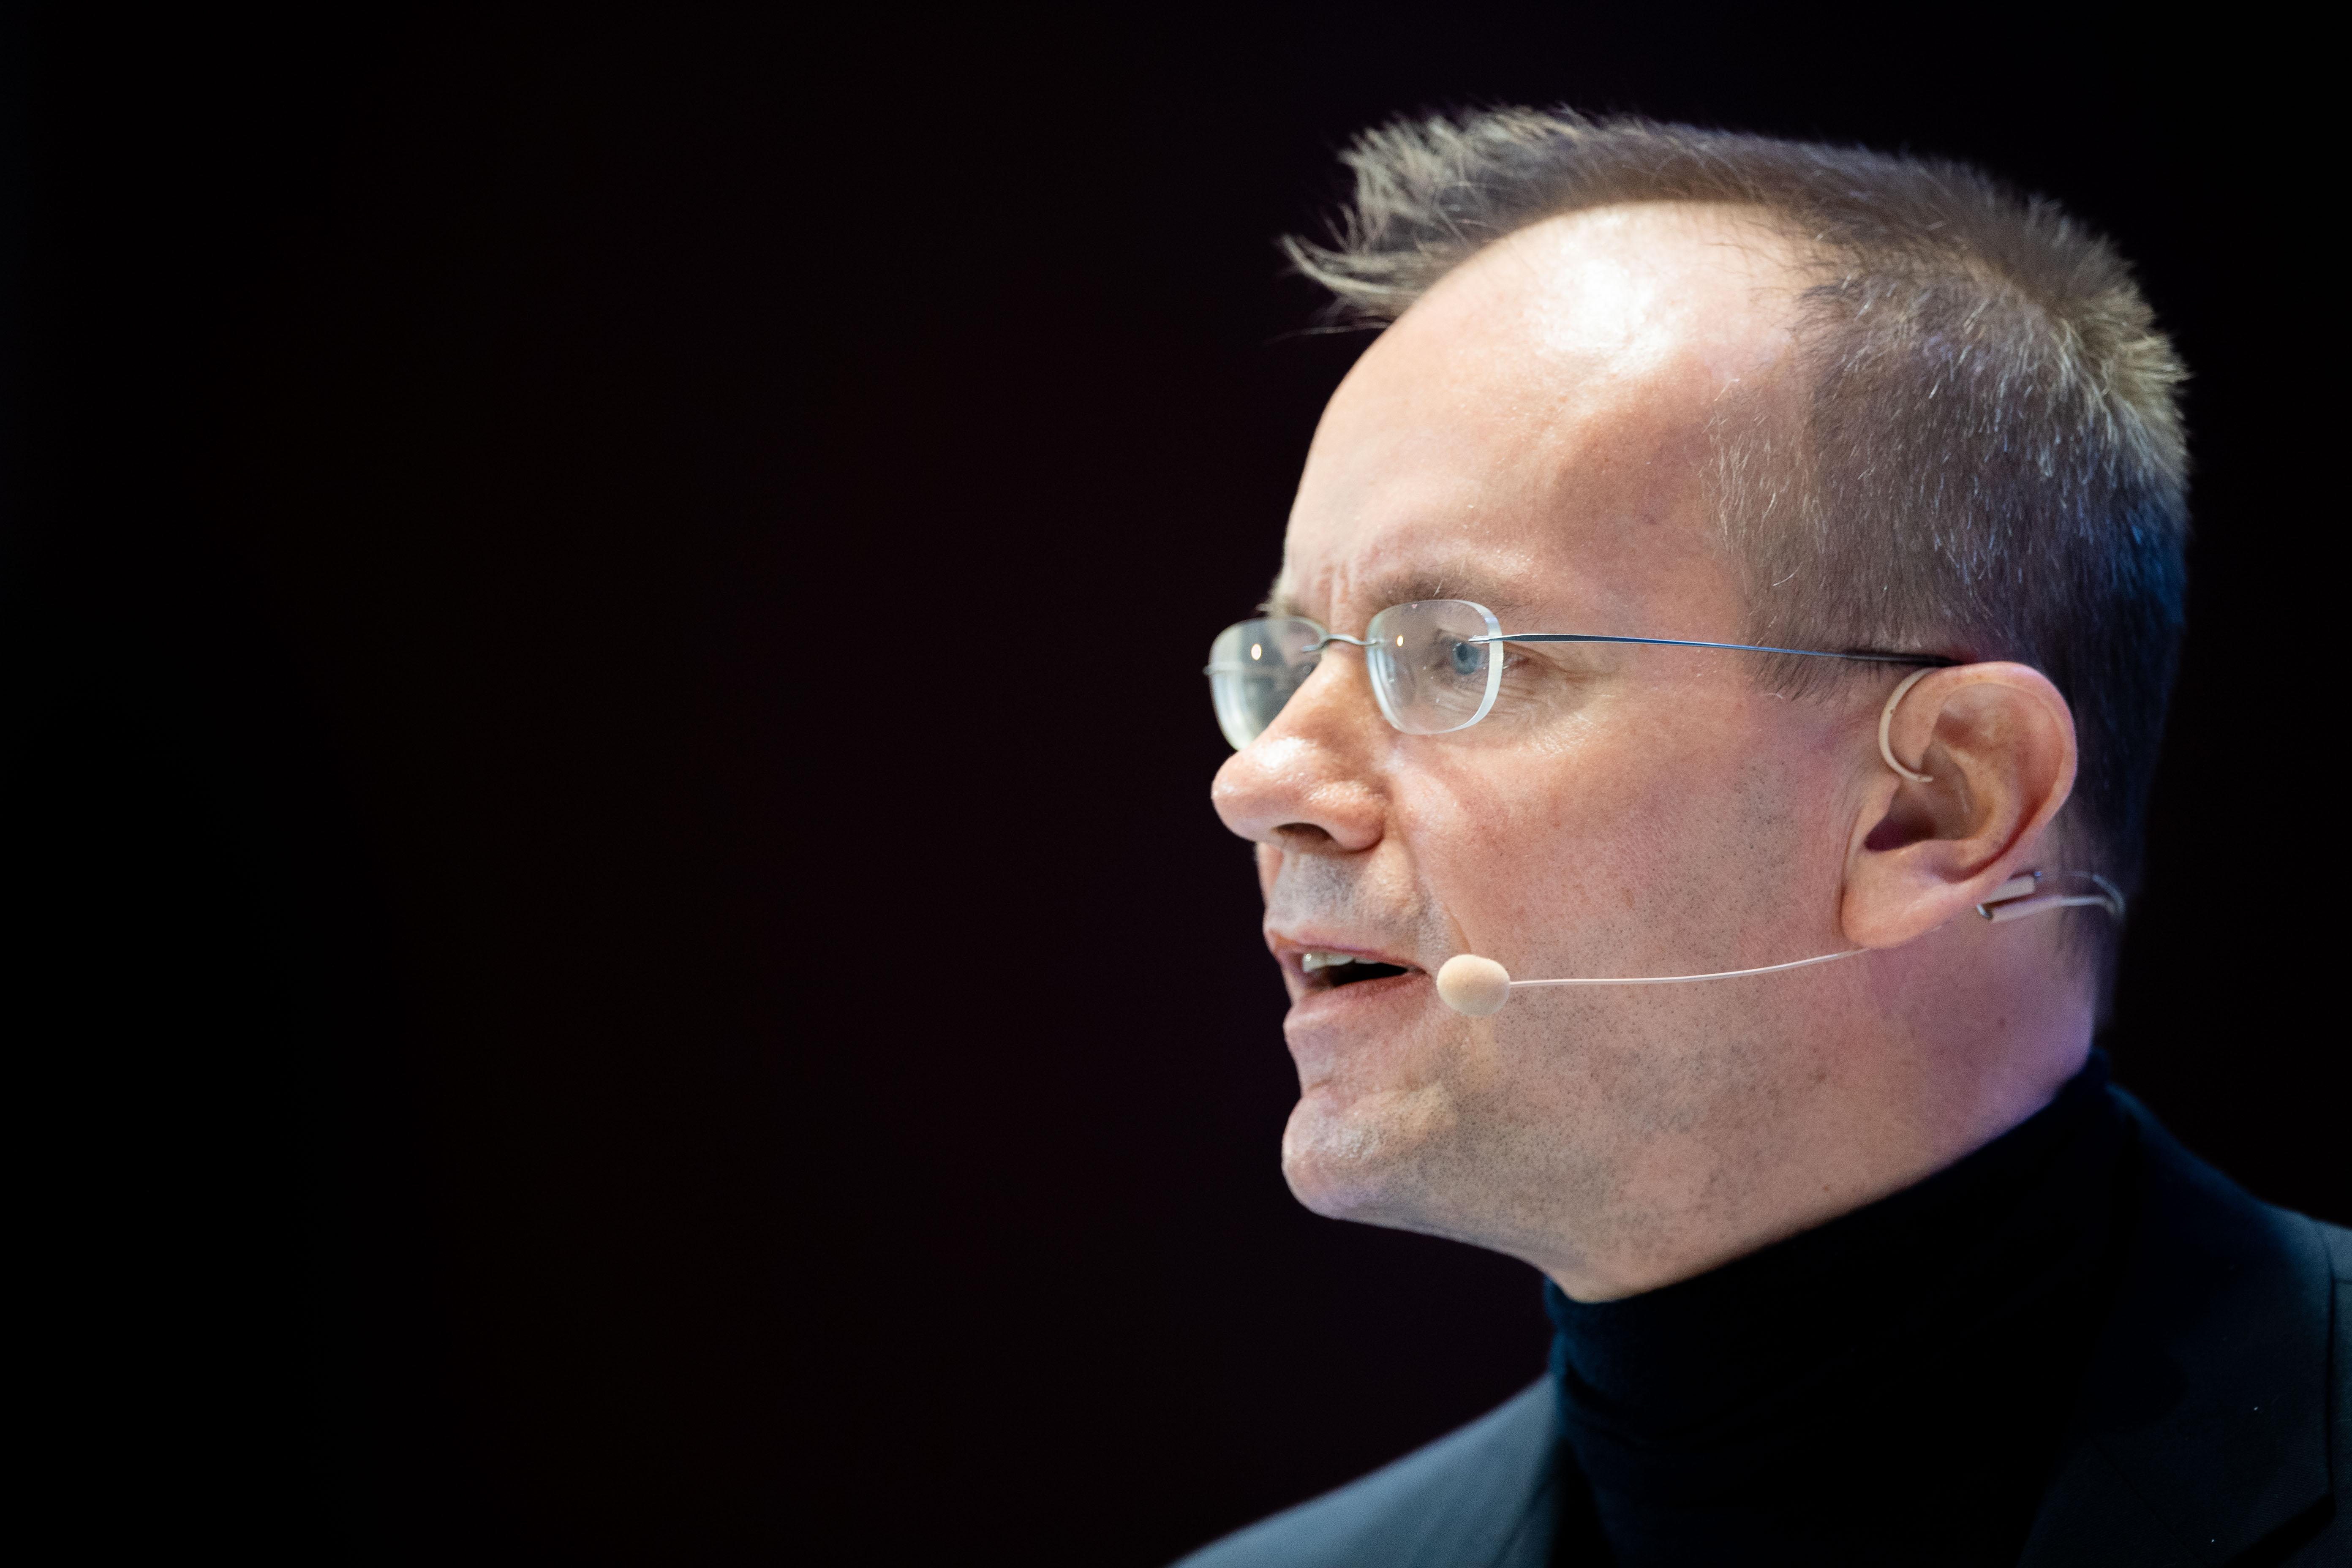 Letartóztatták az egyik legnagyobb német tőzsdei cég vezetőjét